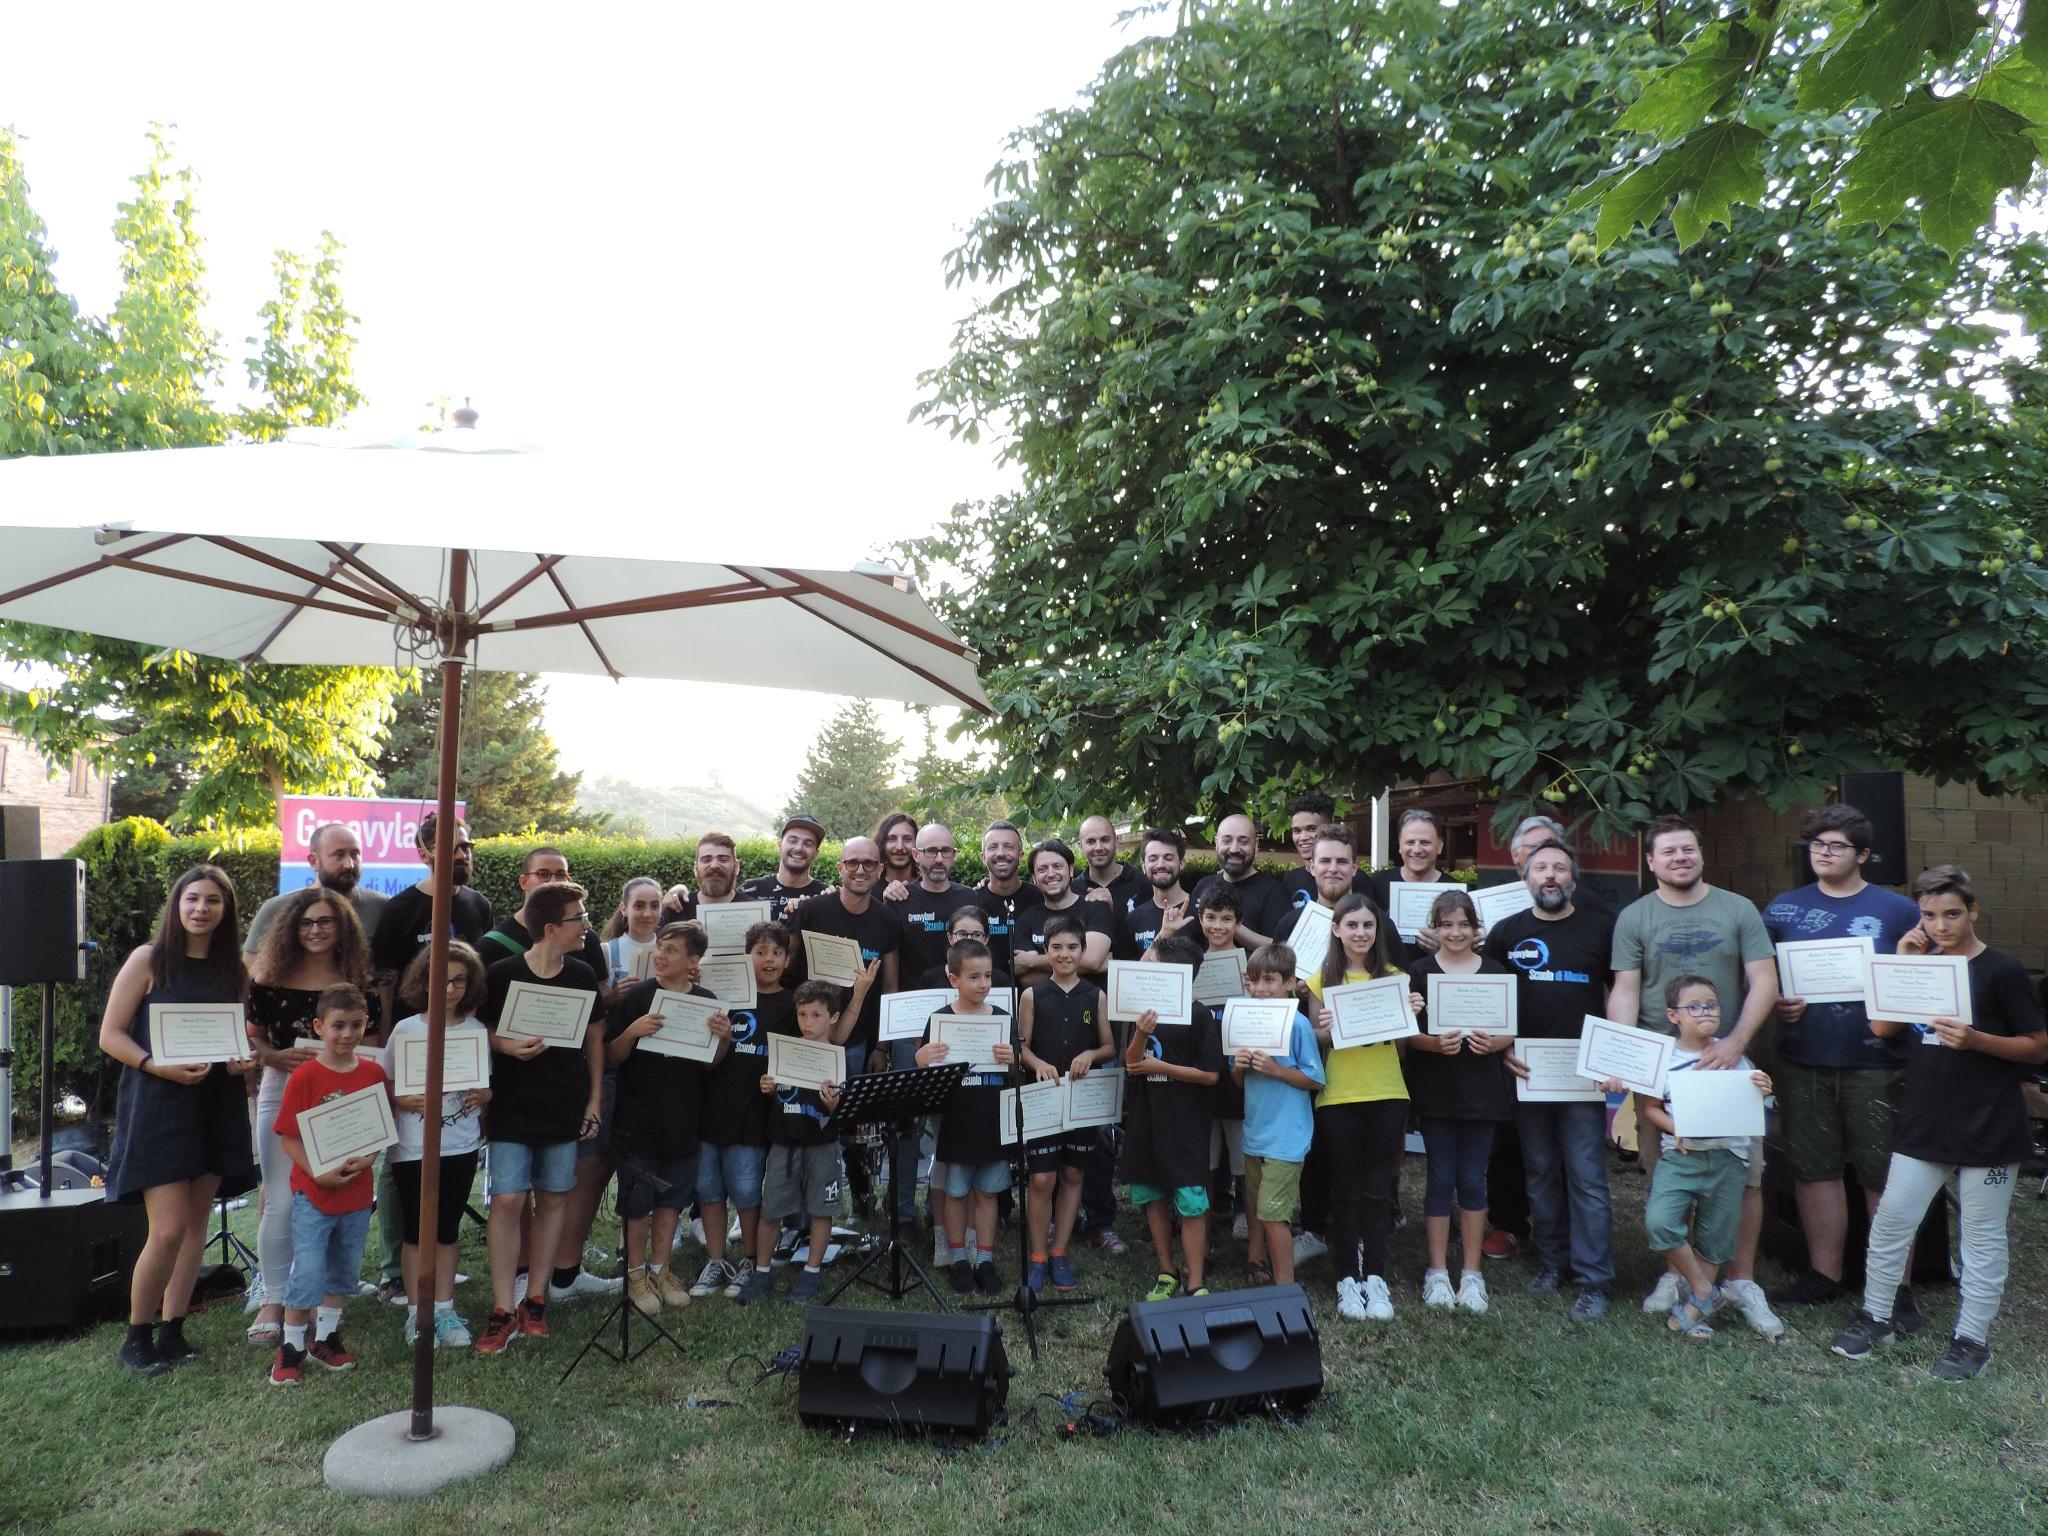 Festa per gli allievi della scuola di musica Groovyland